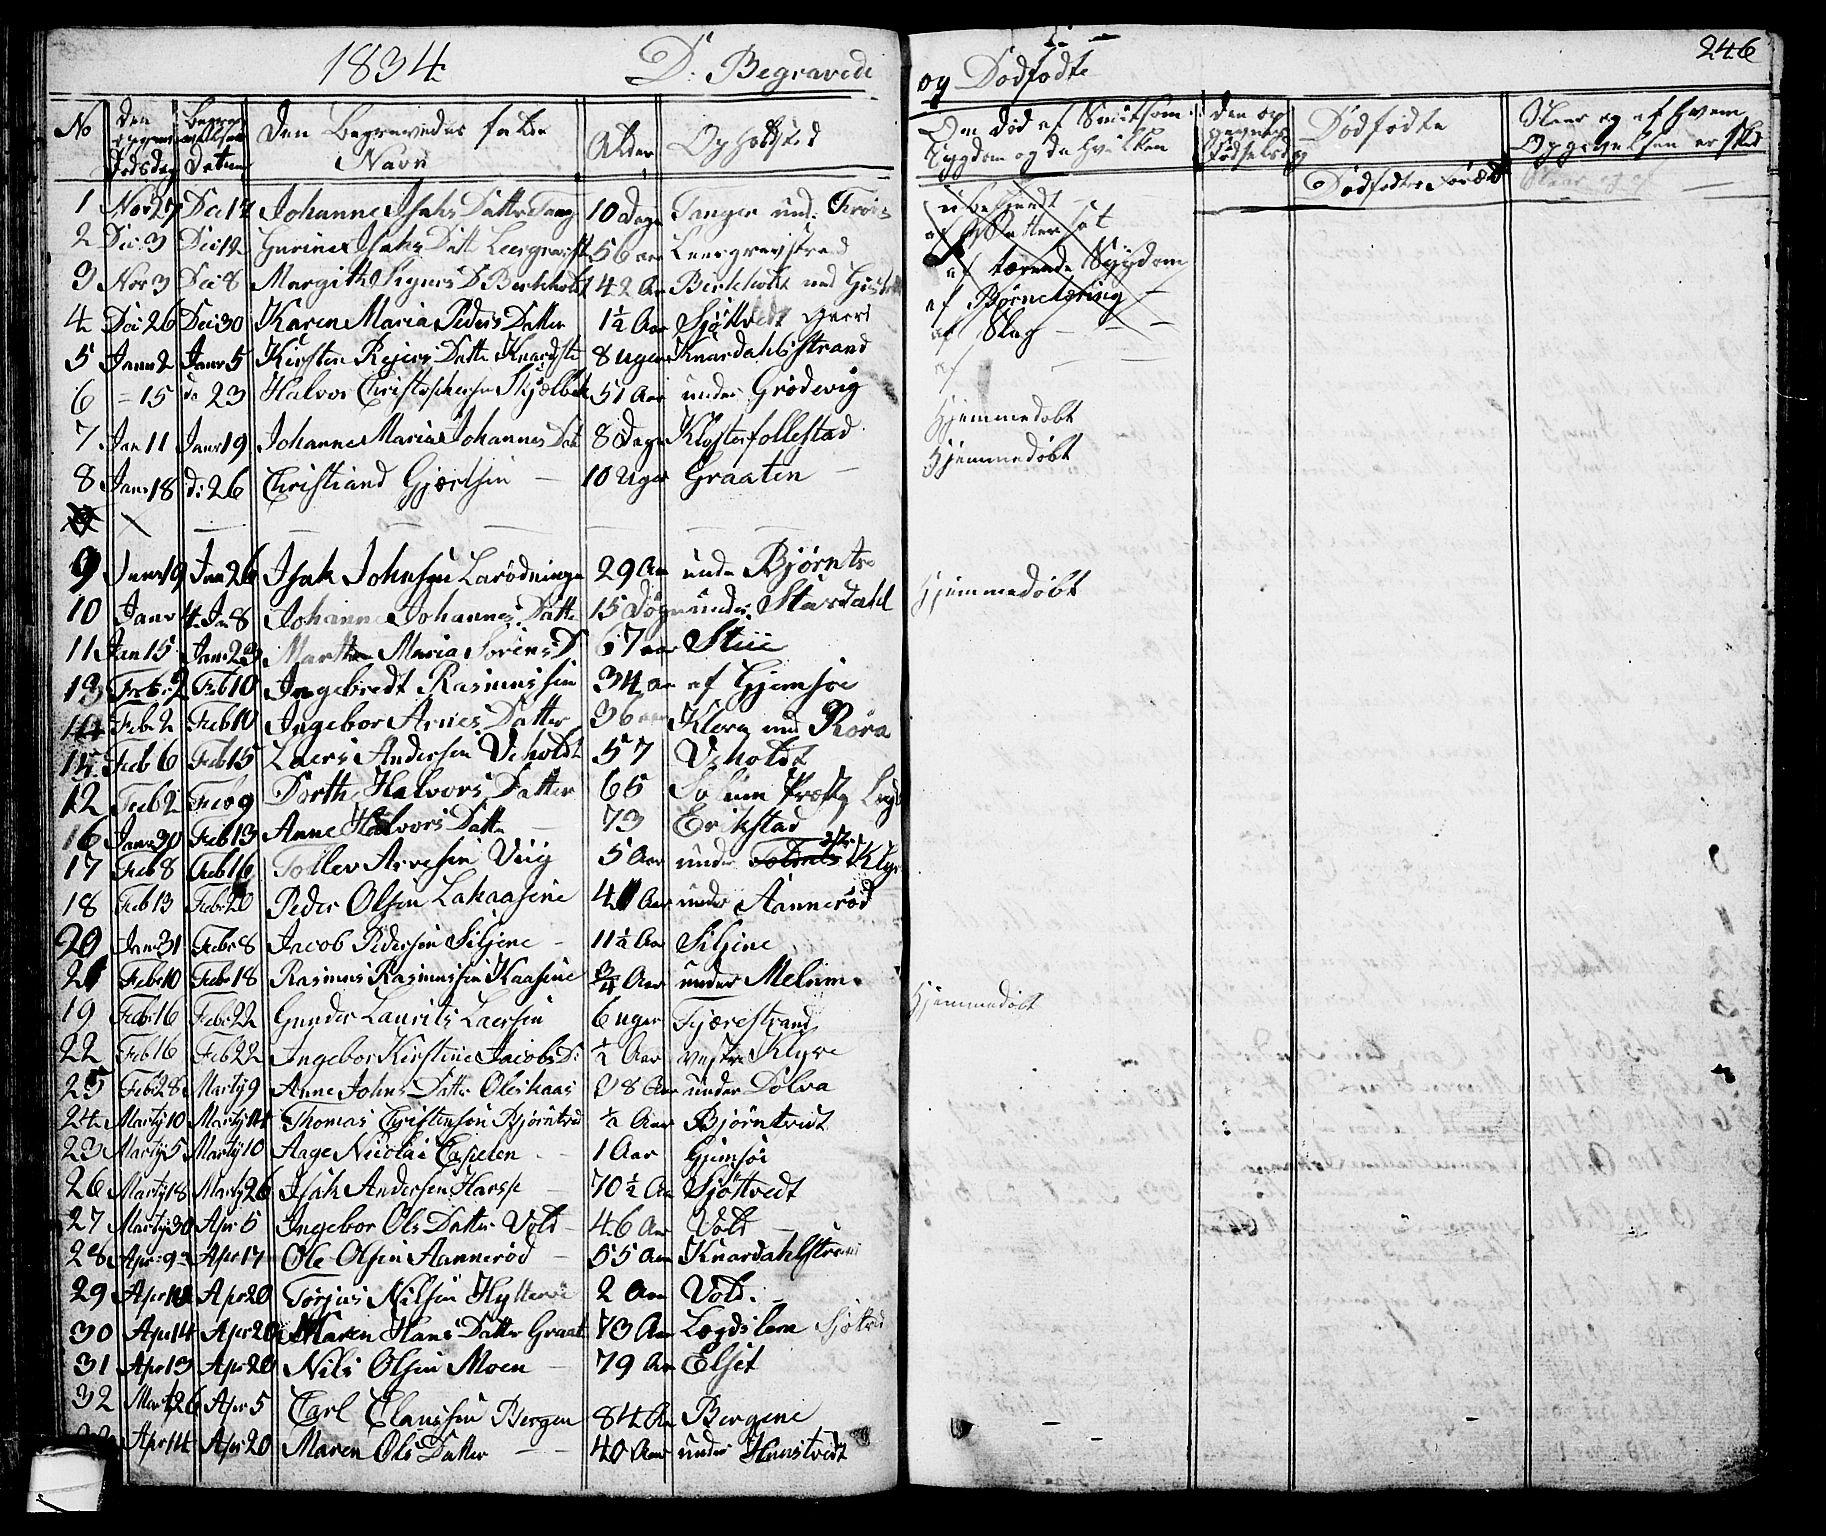 SAKO, Solum kirkebøker, G/Ga/L0002: Klokkerbok nr. I 2, 1834-1848, s. 246